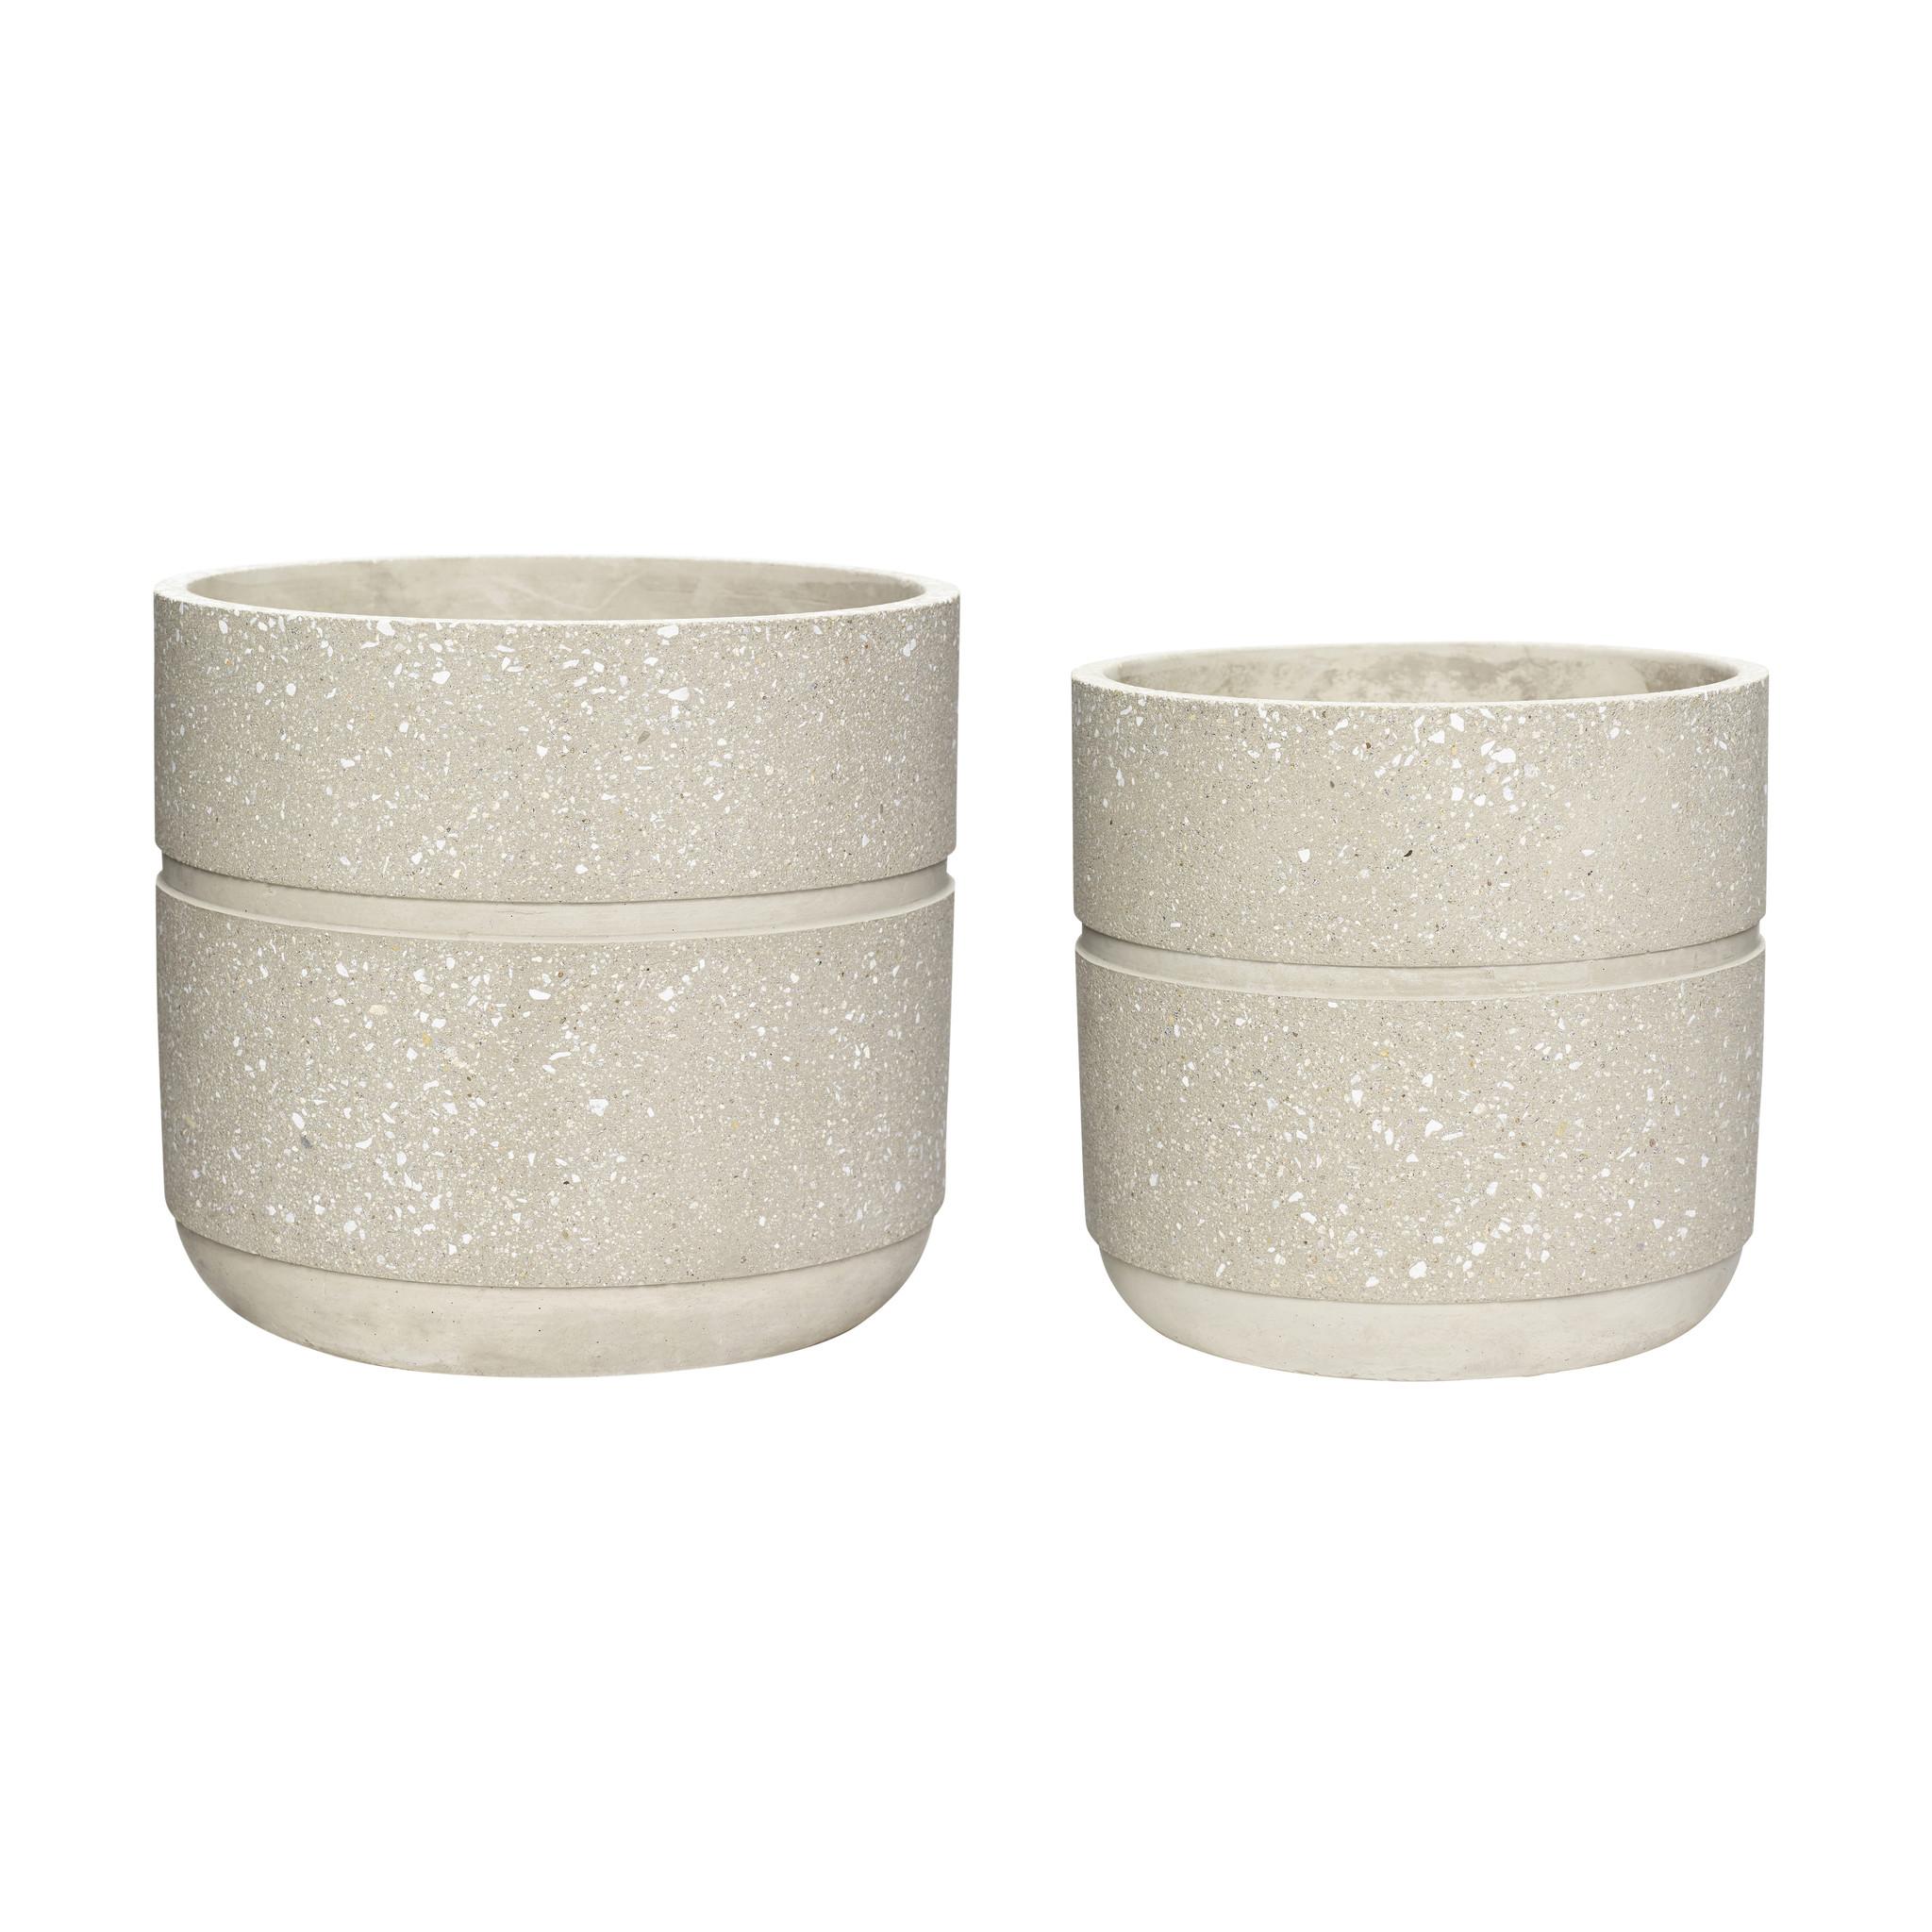 Hubsch Pot, beton, beige, set van 2-760802-5712772068427